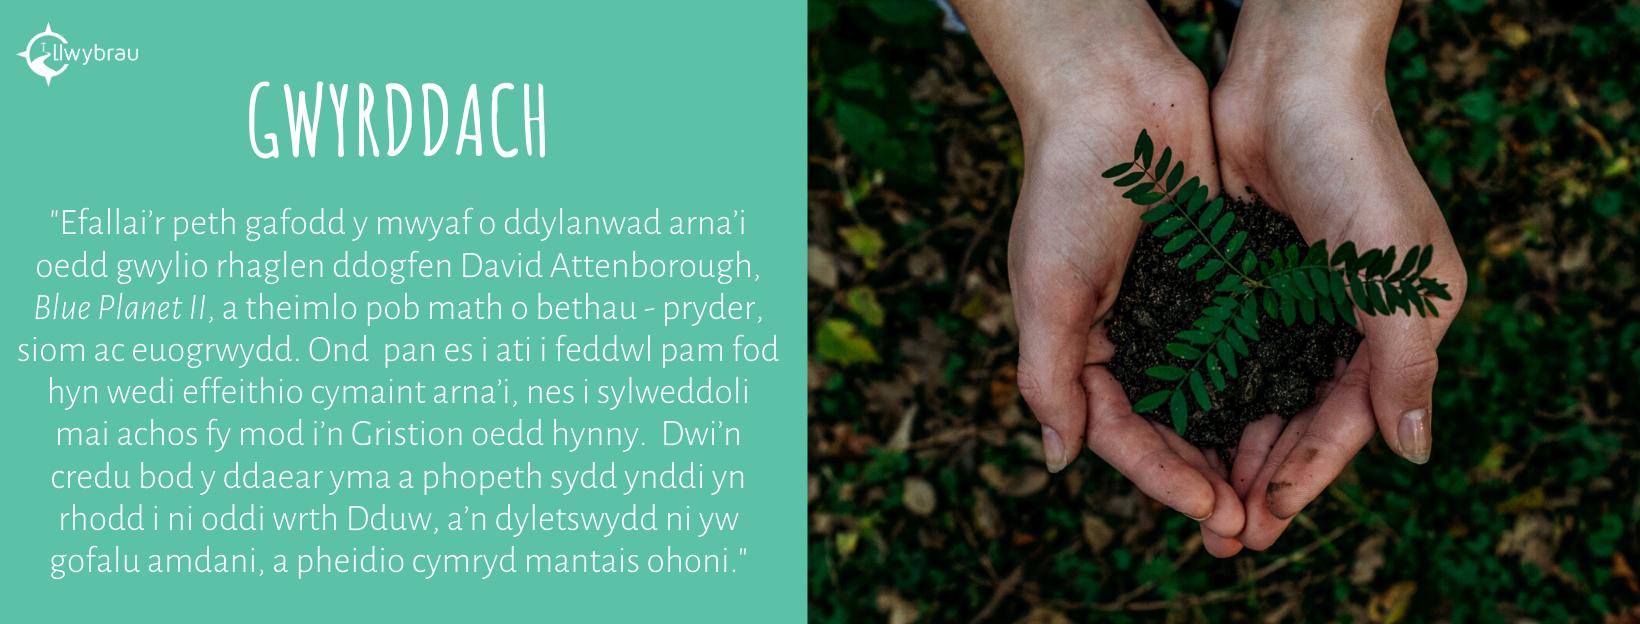 Gwyrddach